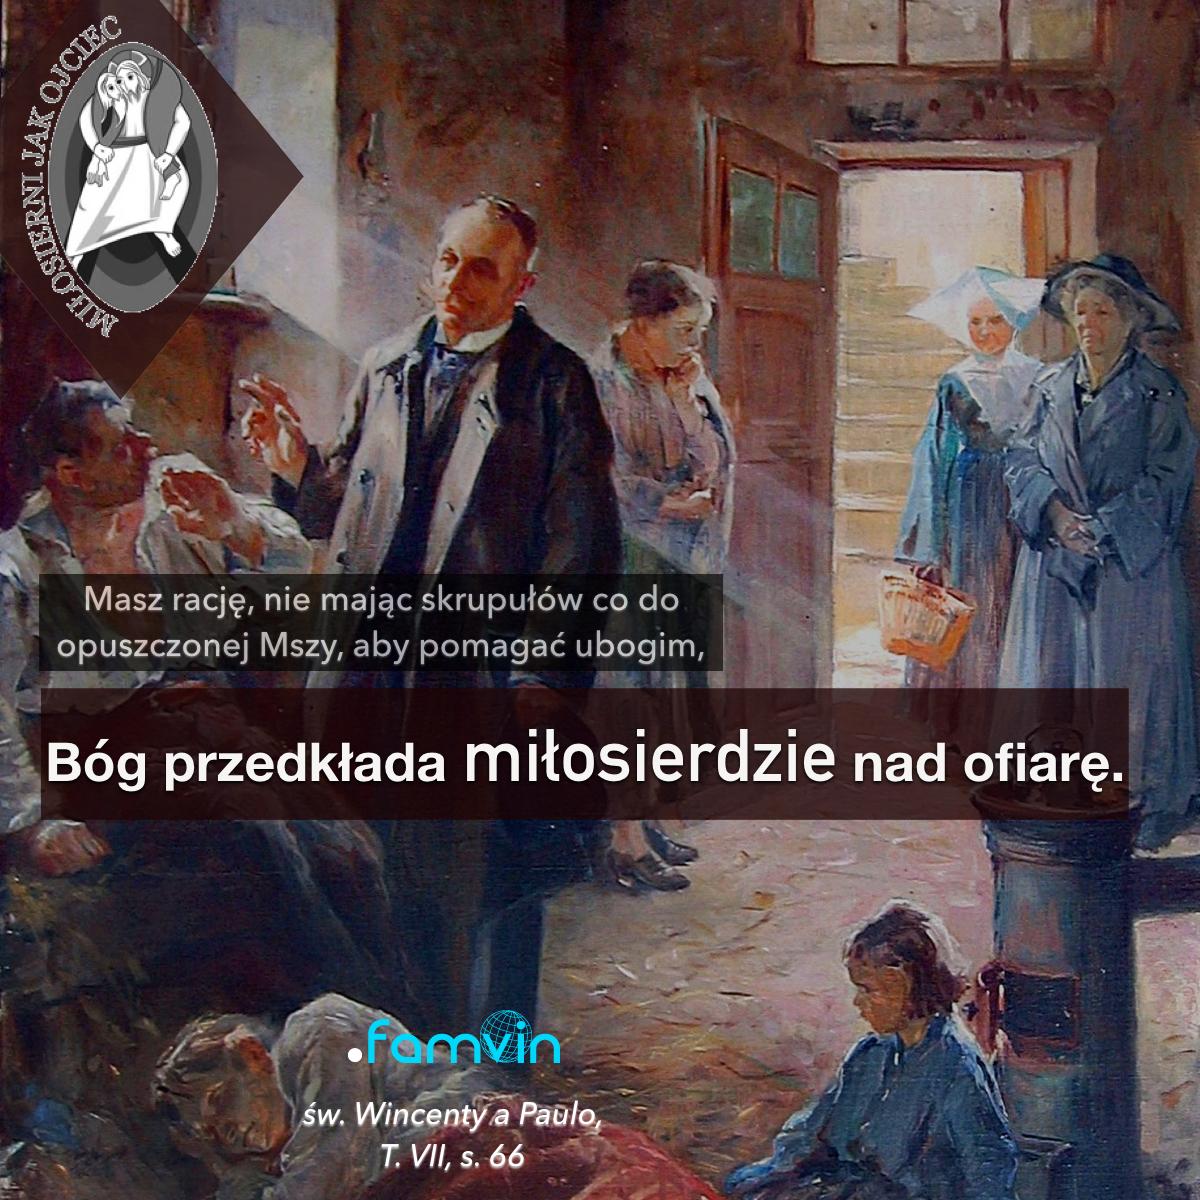 Rok Miłosierdzia po wincentyńsku 18.10.2016